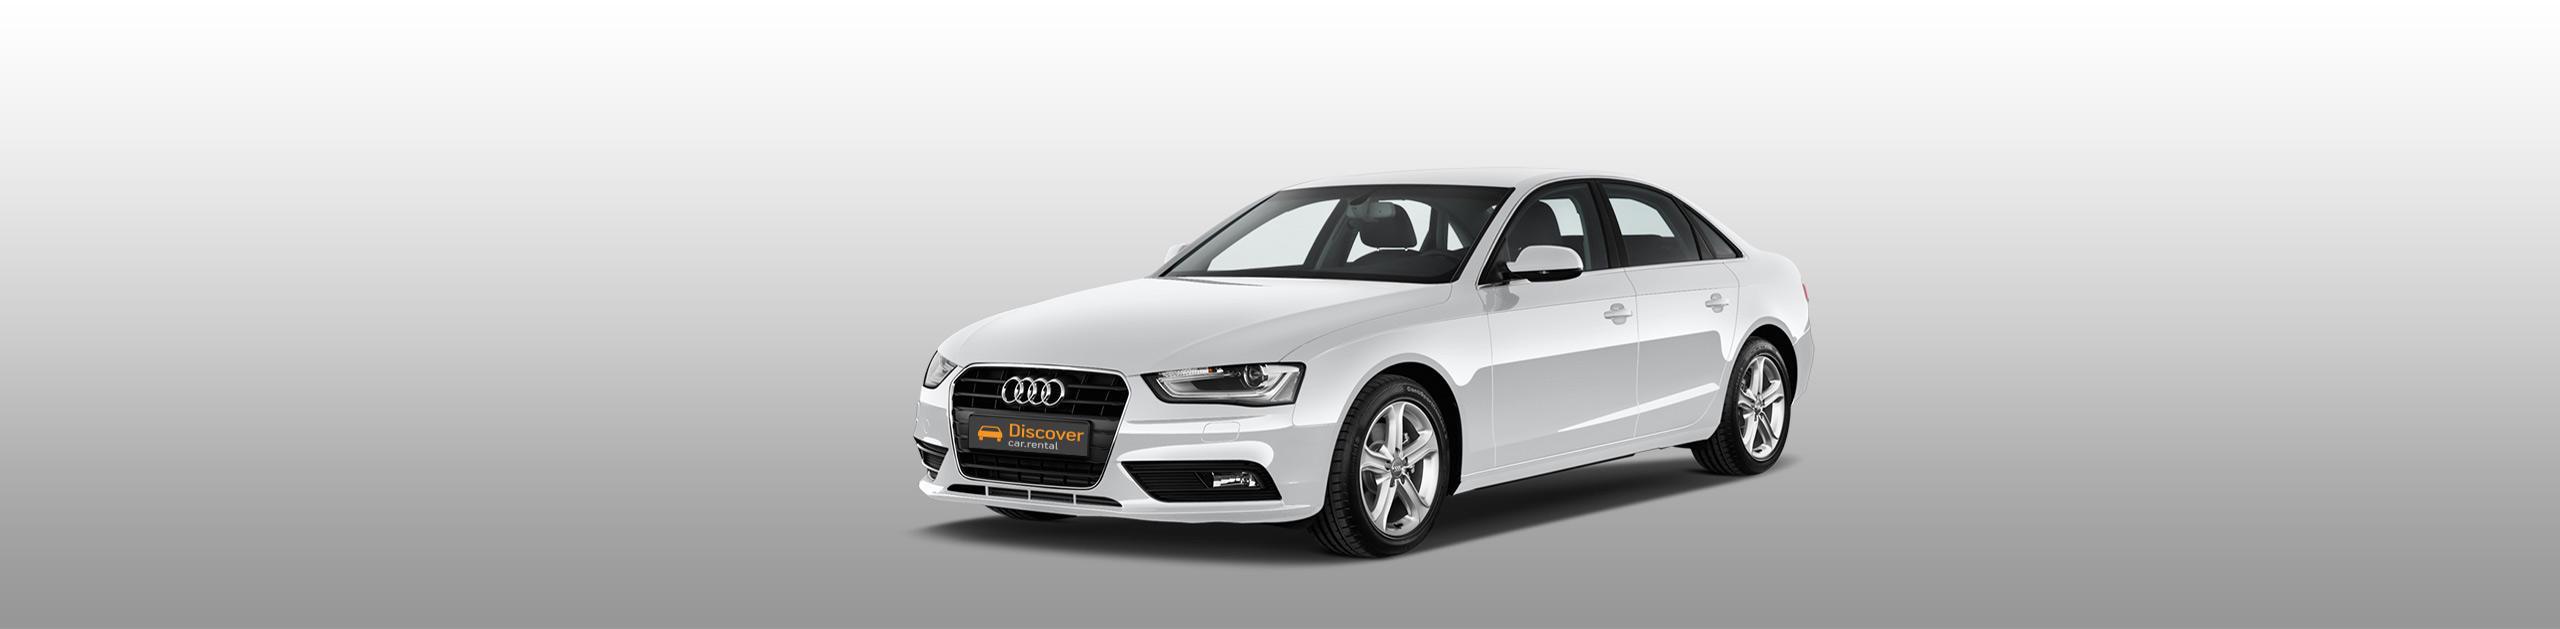 lesvos car rental Audi A4 TFSI